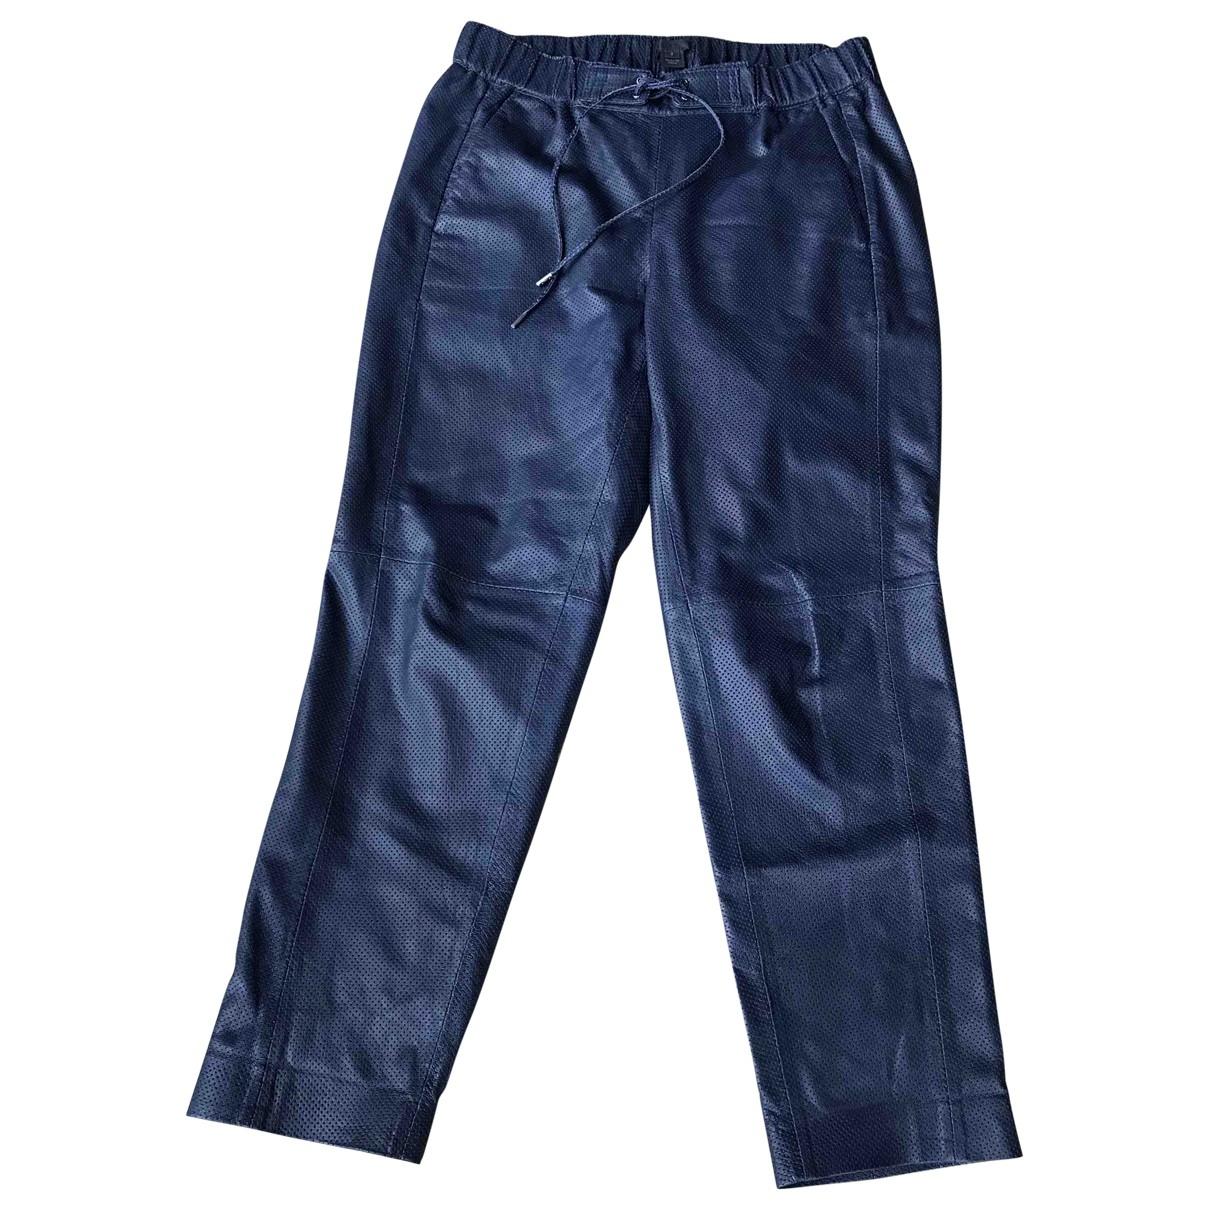 Pantalon de Cuero J.crew